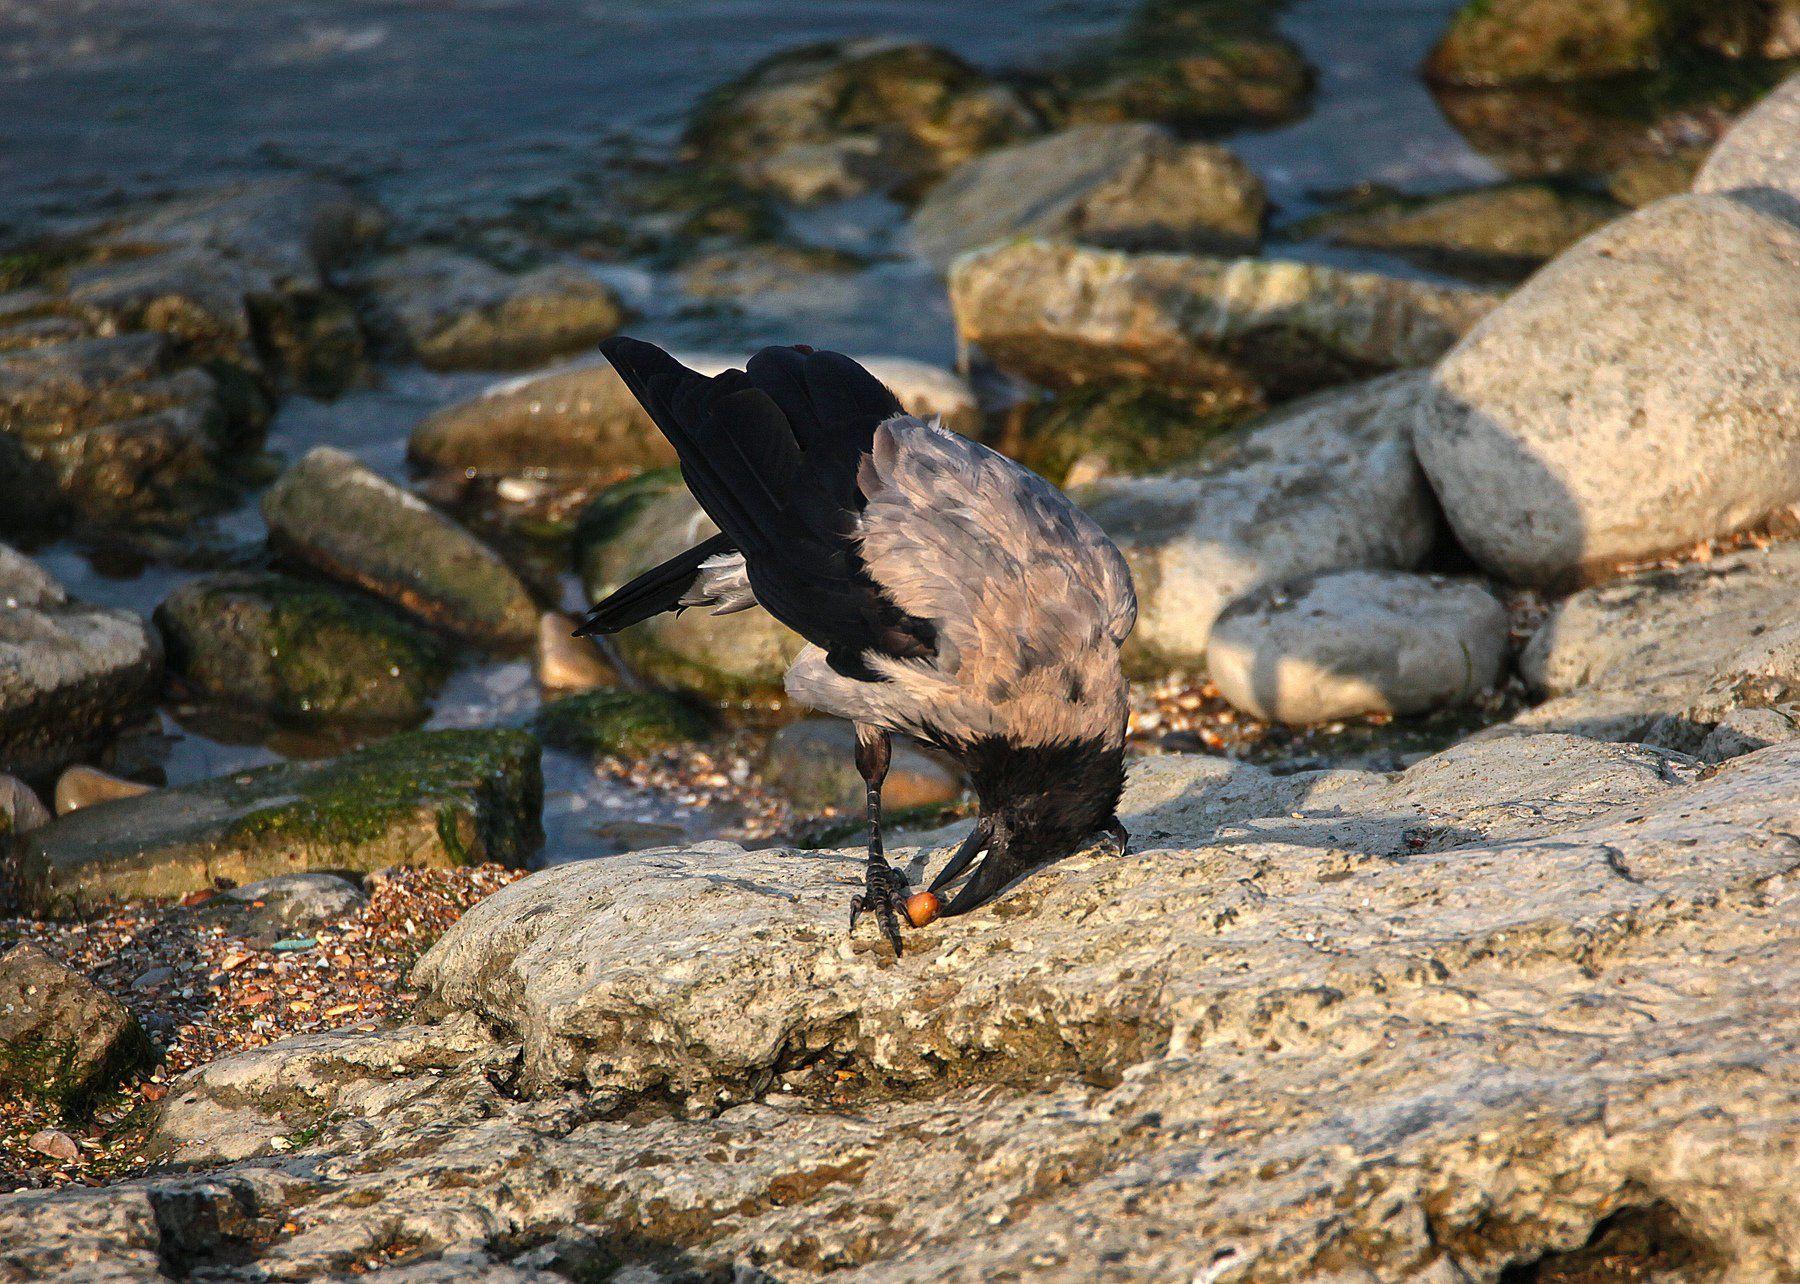 птица,птицы,природа,ворона, Марат Магов